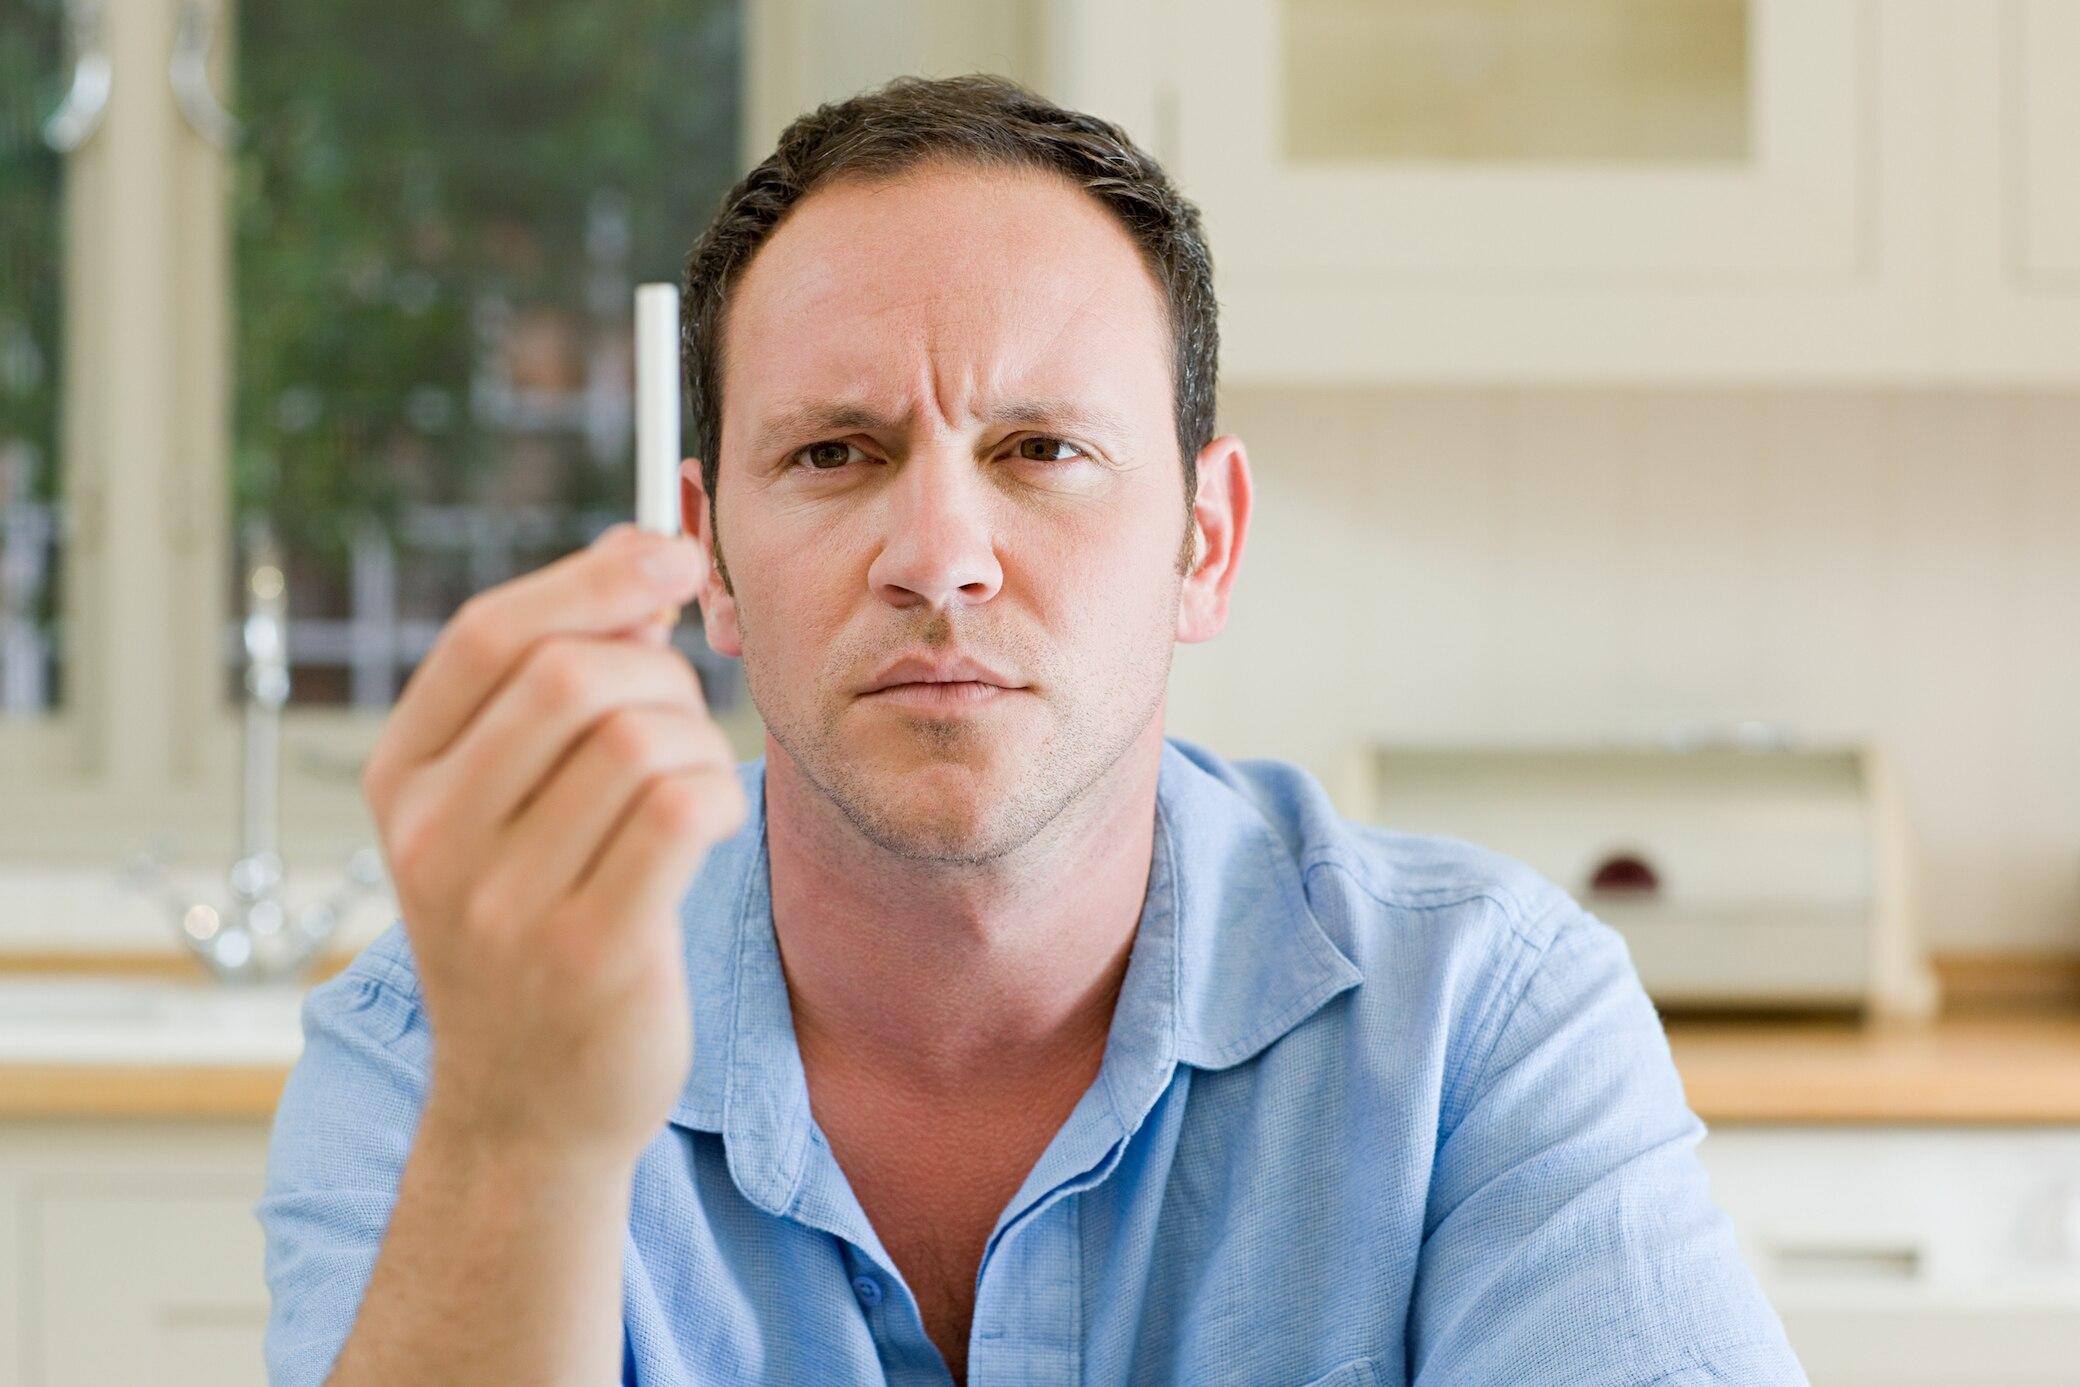 Rauchen Aufhören Regeneration Blutgefäße